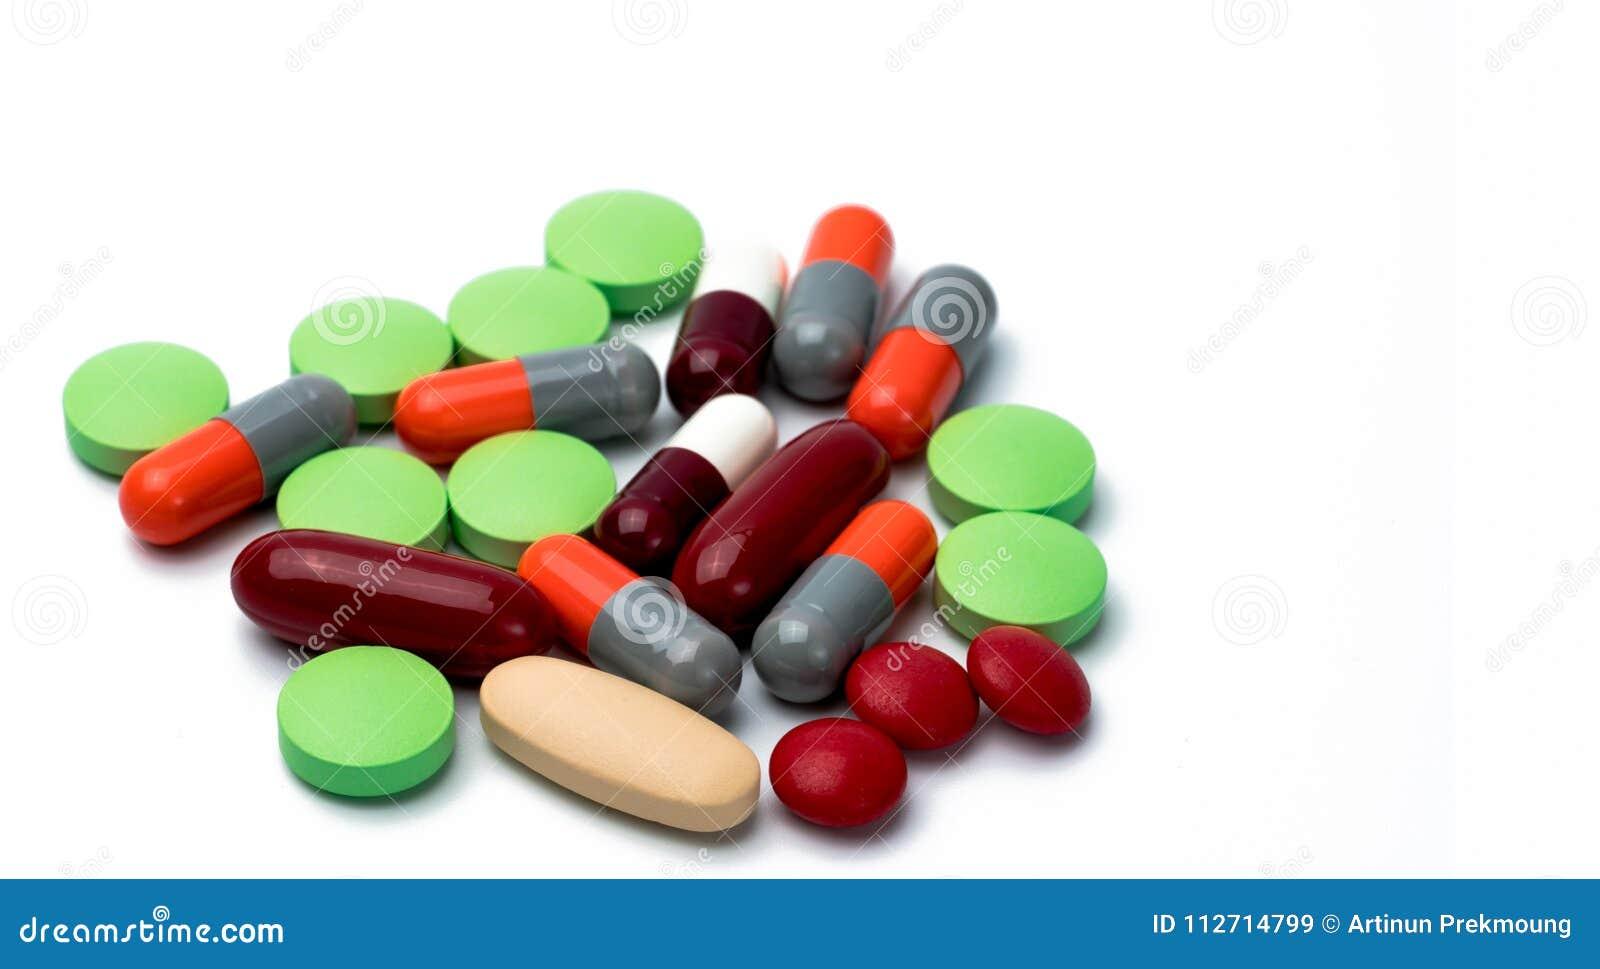 Stos kolorowe pastylki i kapsuł pigułki odizolowywać na białym tle Leka, witaminy, nadprograma i ziołowej medycyny interakcja,